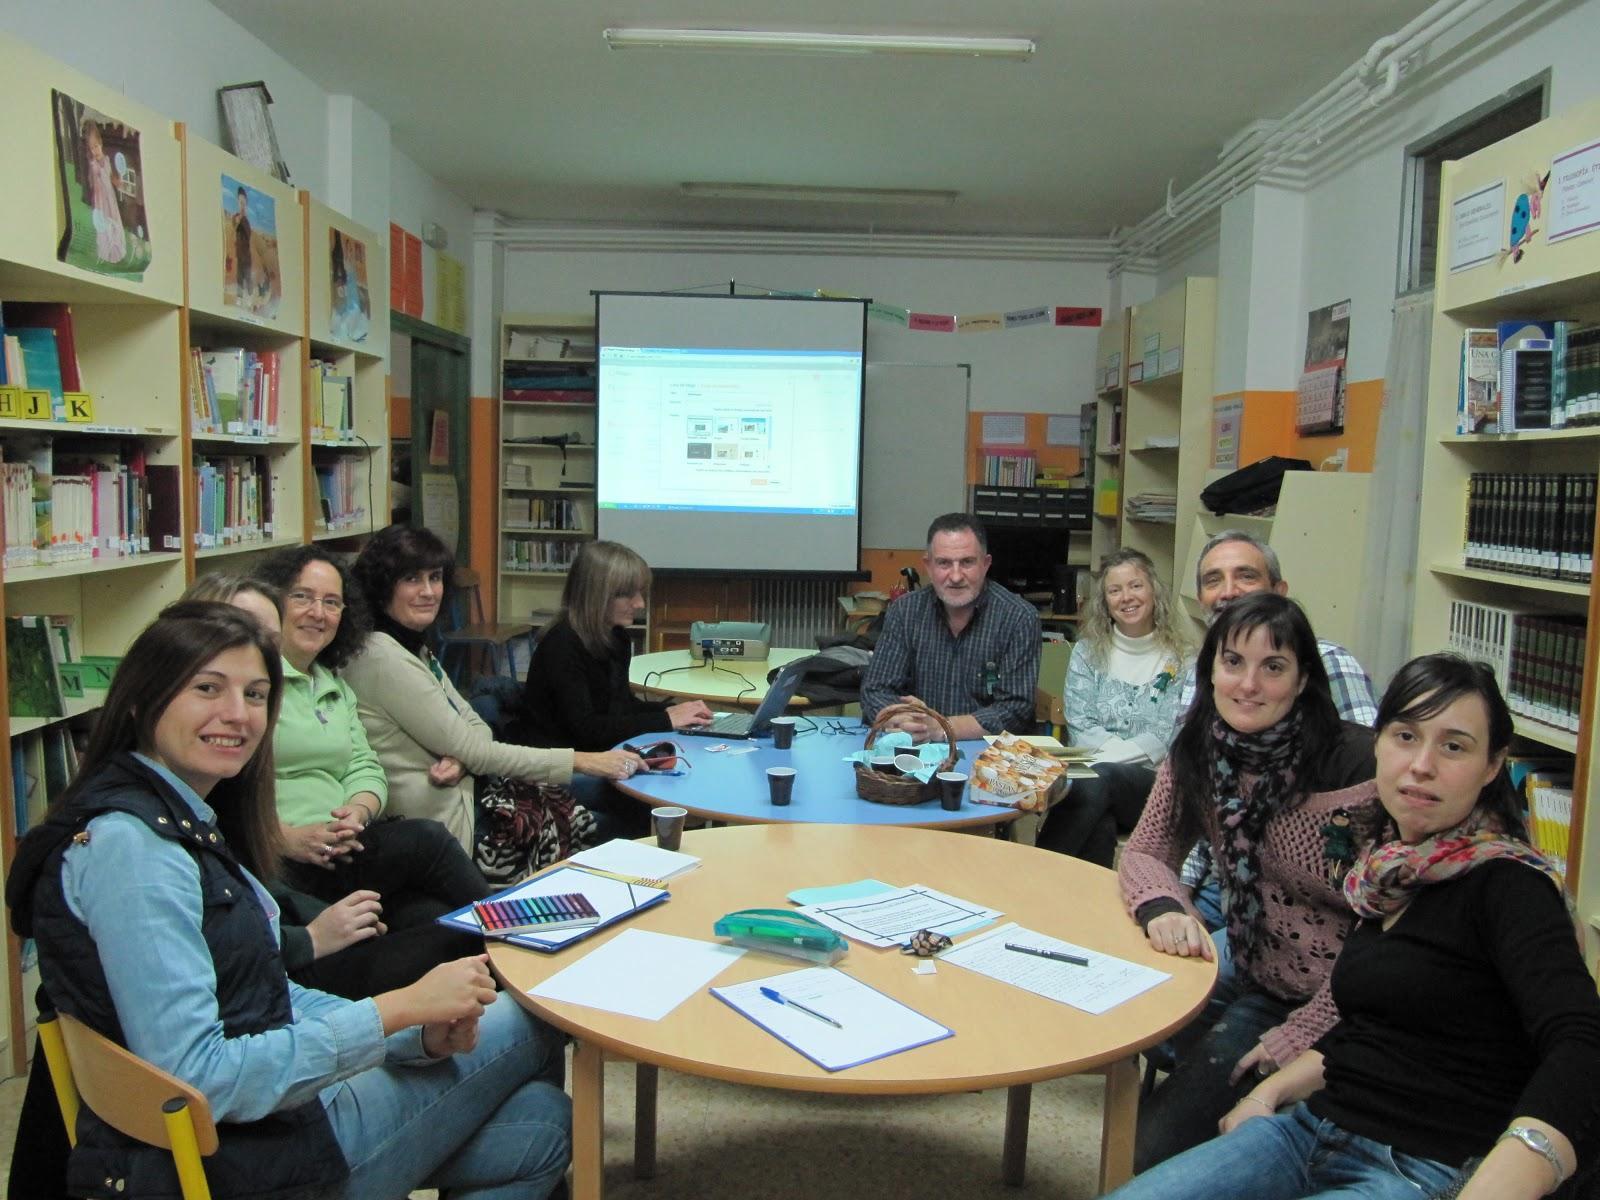 Bibliomequi noviembre 2012 for Cuarto para las 7